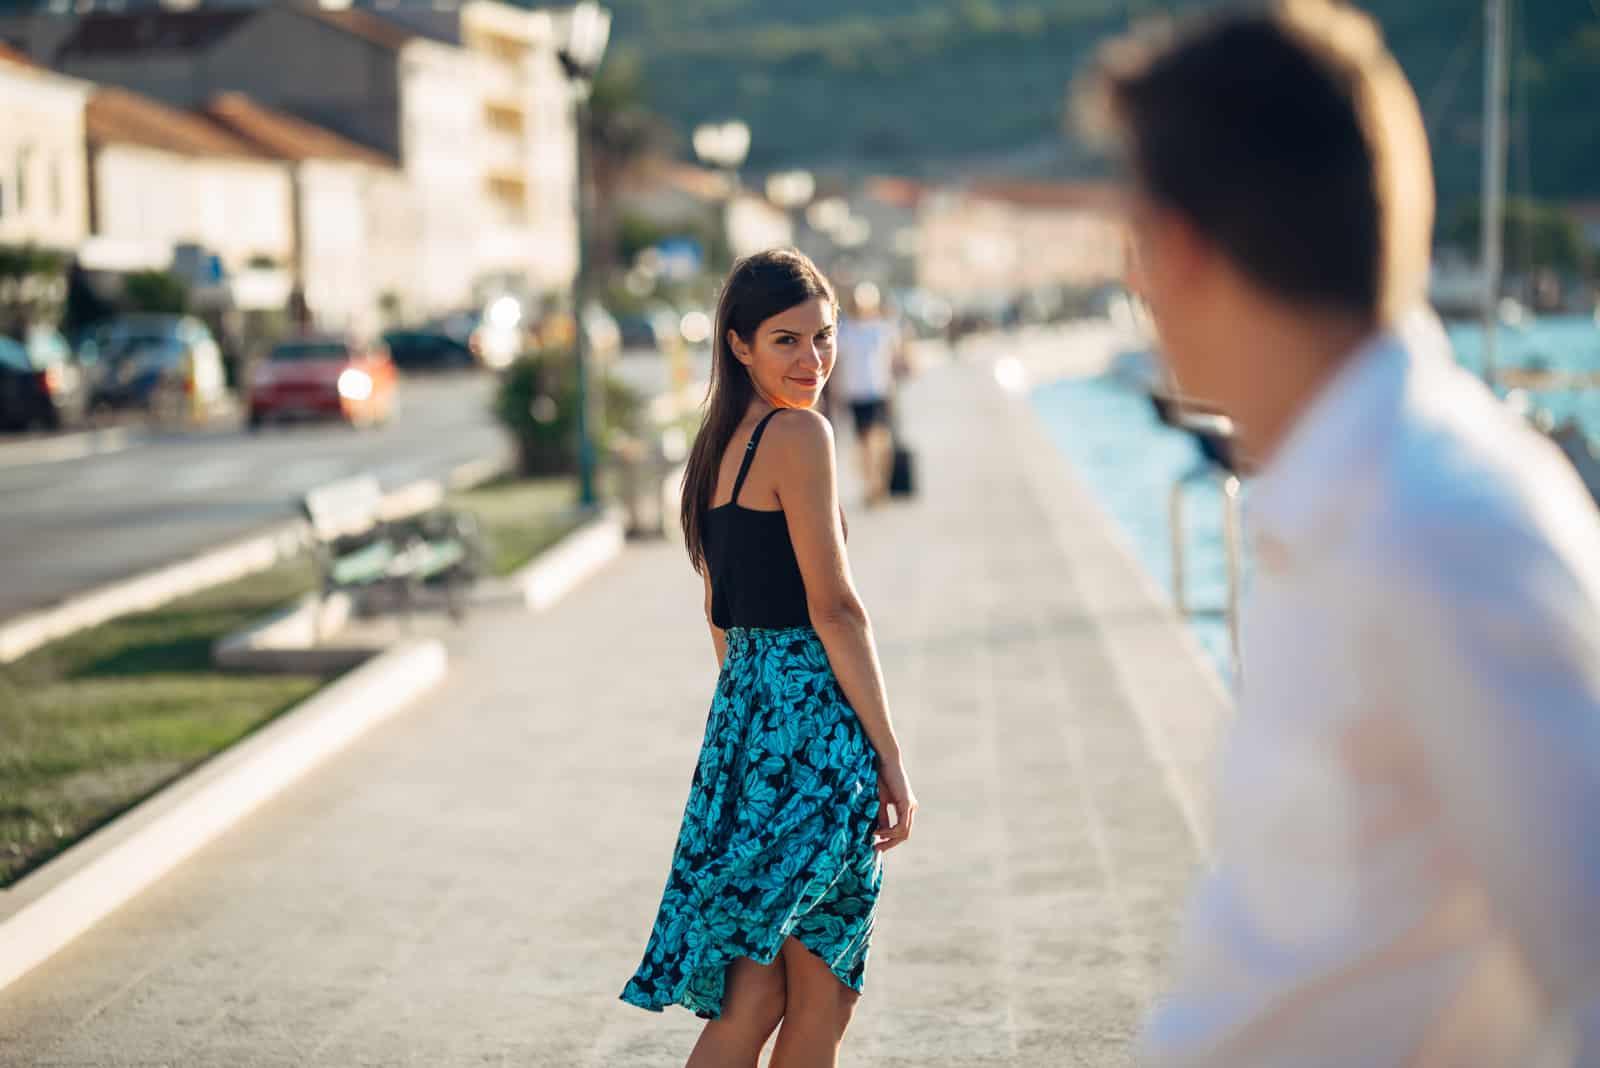 femme flirter avec un homme dans la rue